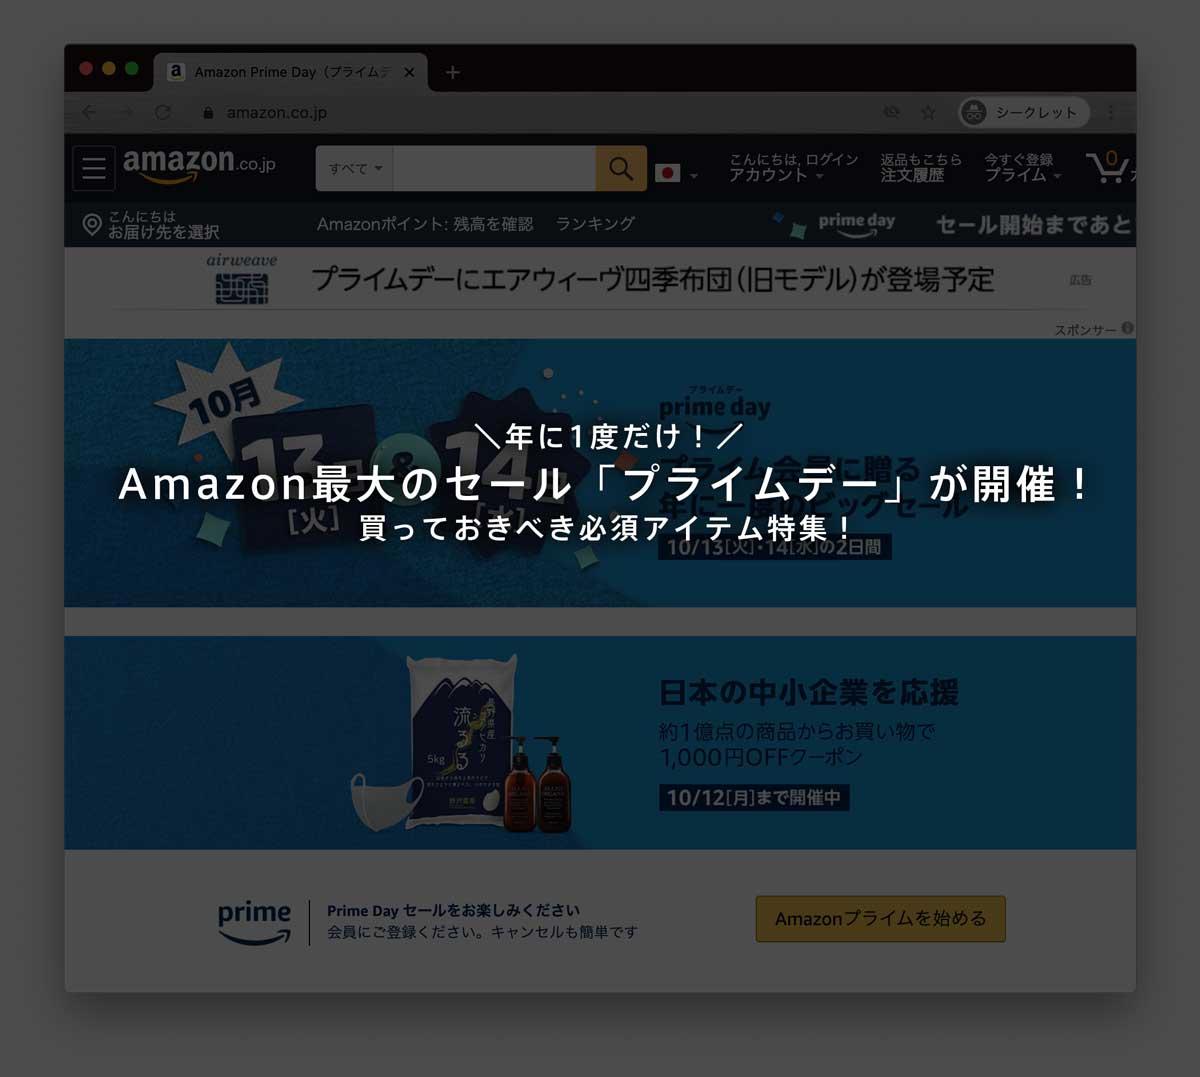 2020年も1度だけ!Amazon最大のセール「プライムデー」が開催!買っておきべき必須アイテム特集! amazon_primeday_2020_00